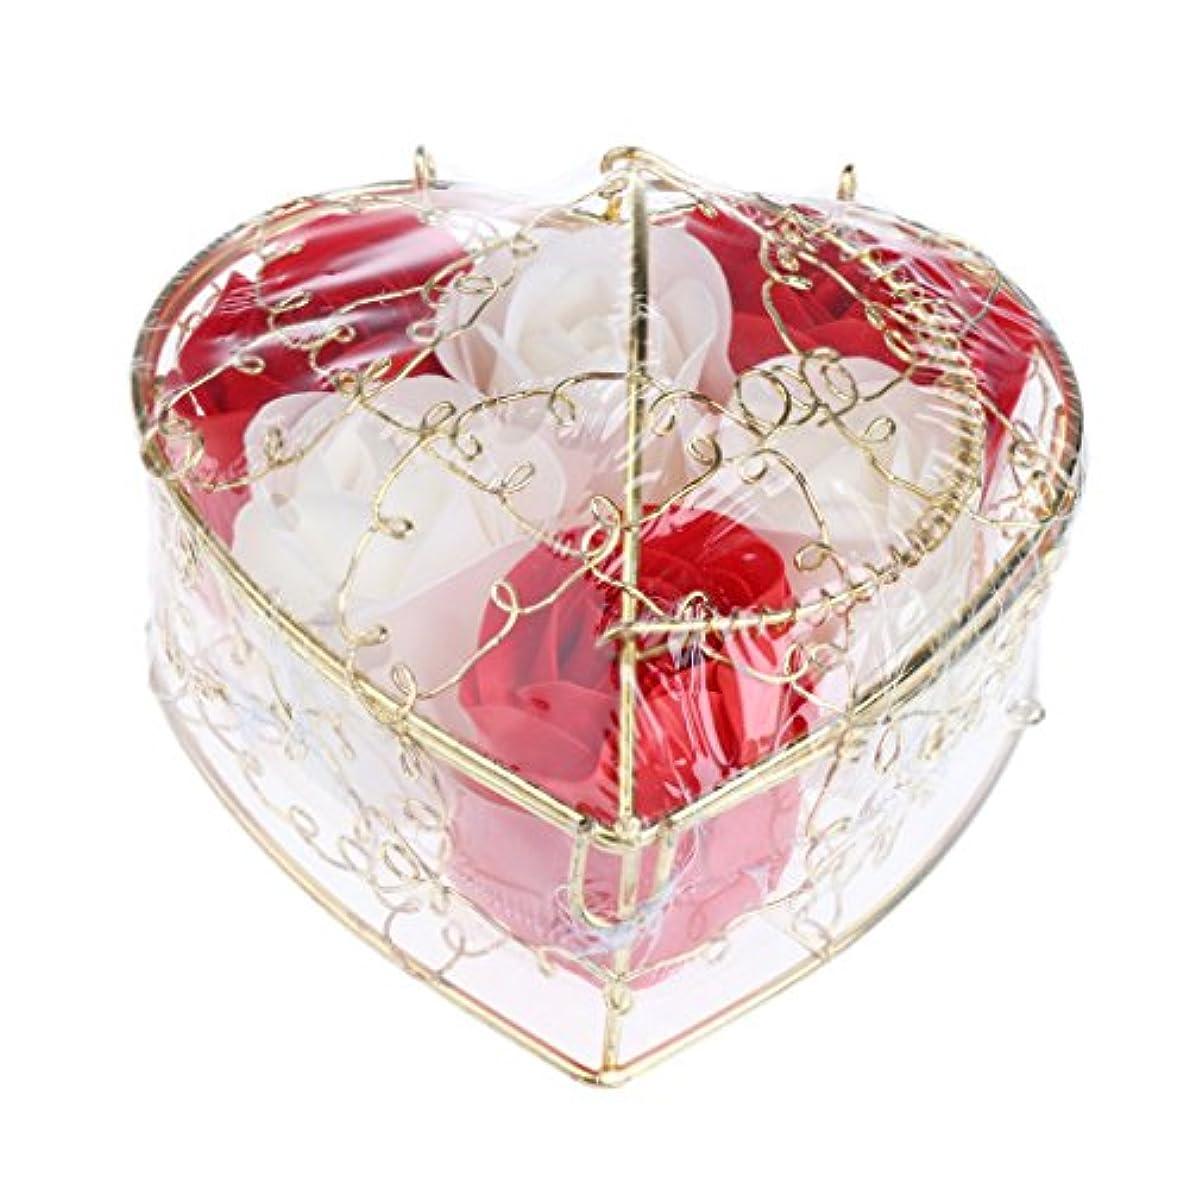 不合格ペニー価値IPOTCH 6個 ソープフラワー 石鹸花 造花 バラ フラワー ギフトボックス 誕生日 母の日 記念日 先生の日 プレゼント 全5仕様選べる - 赤と白